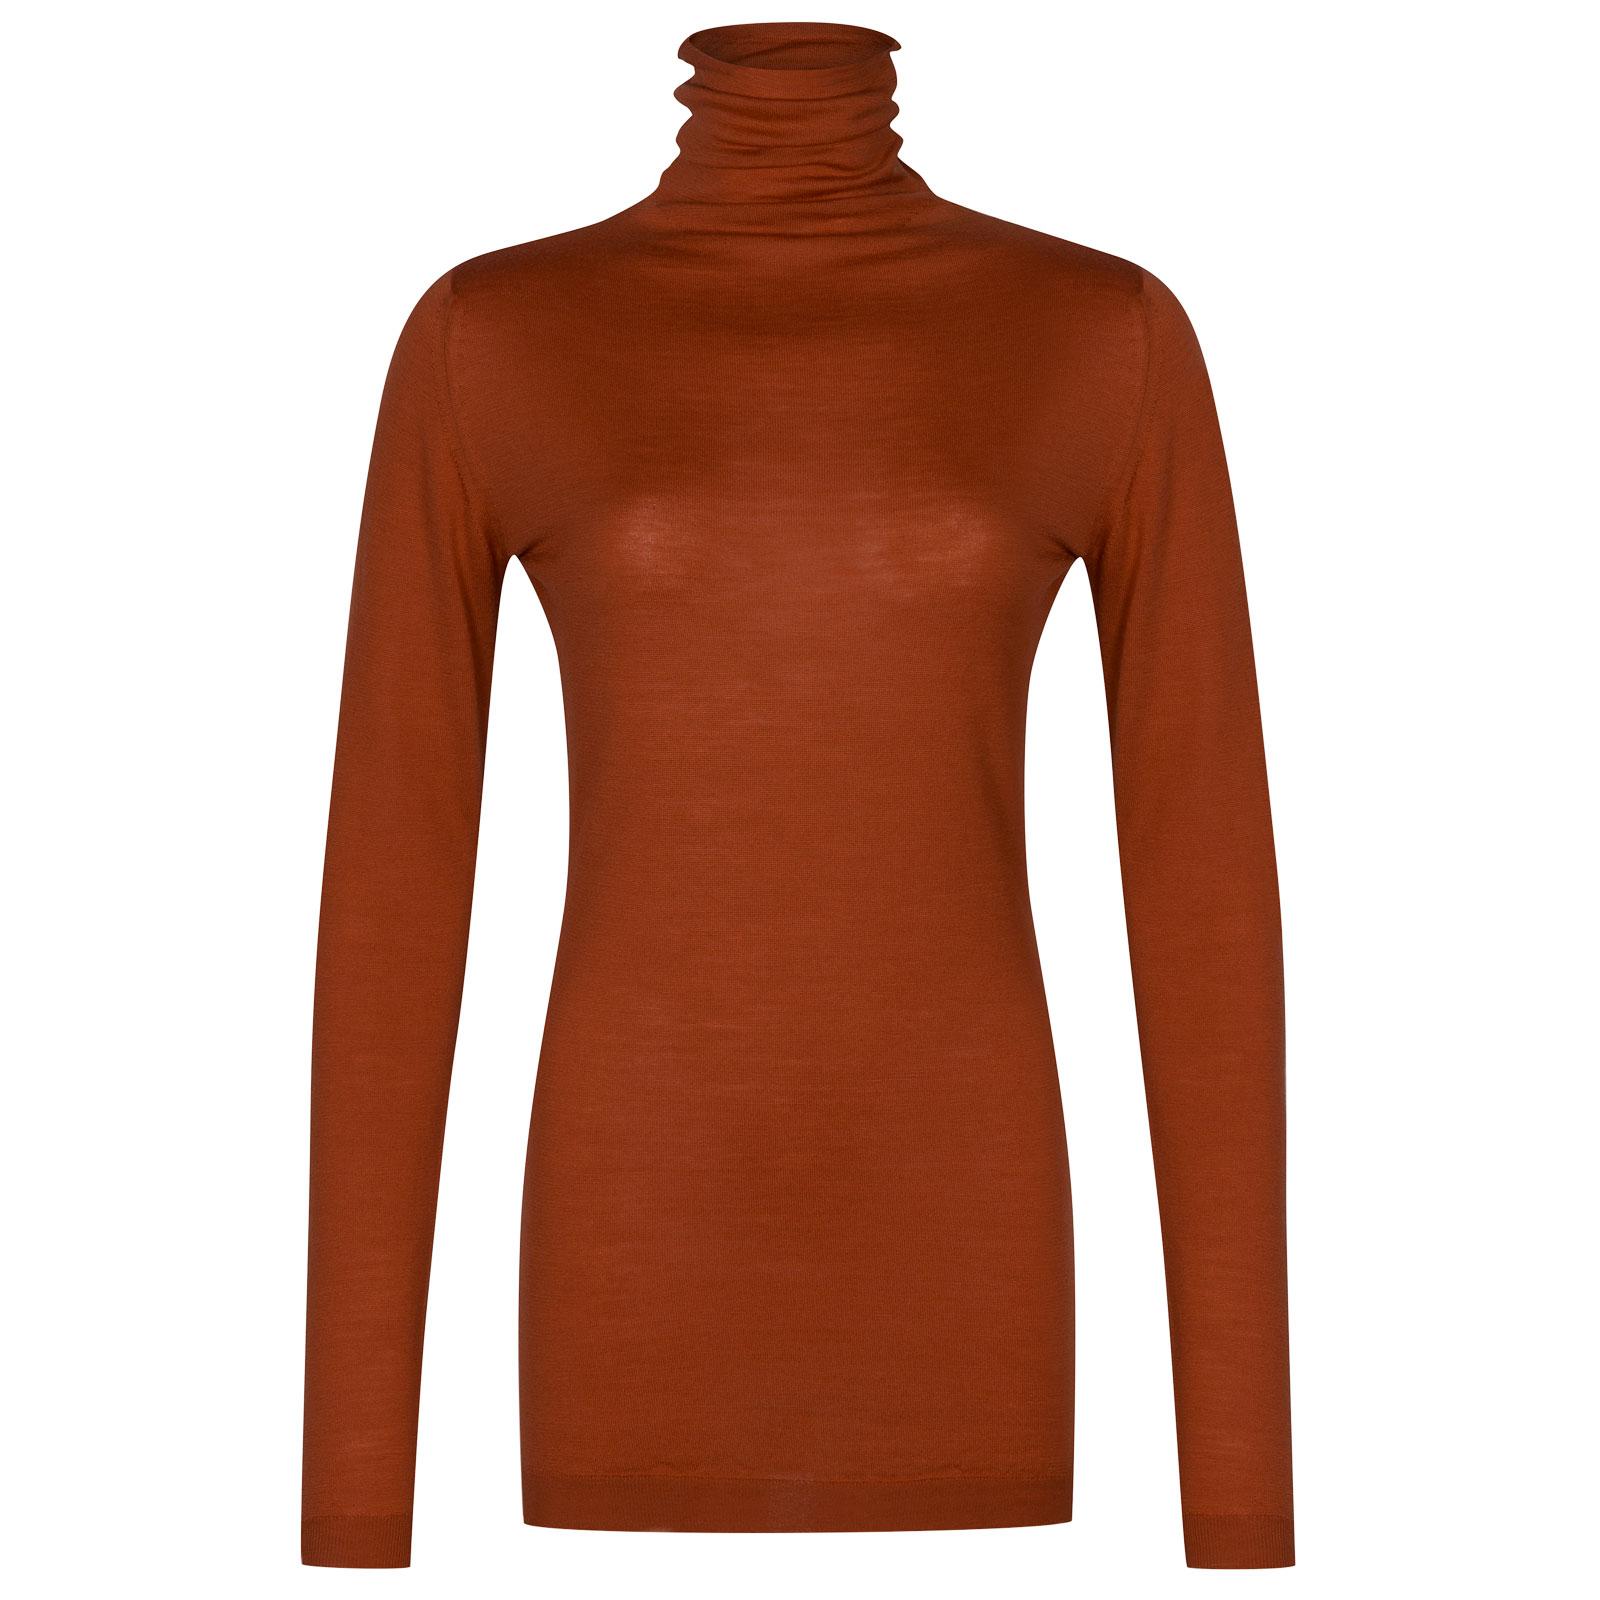 John Smedley westley Merino Wool Sweater in Flare Orange-L